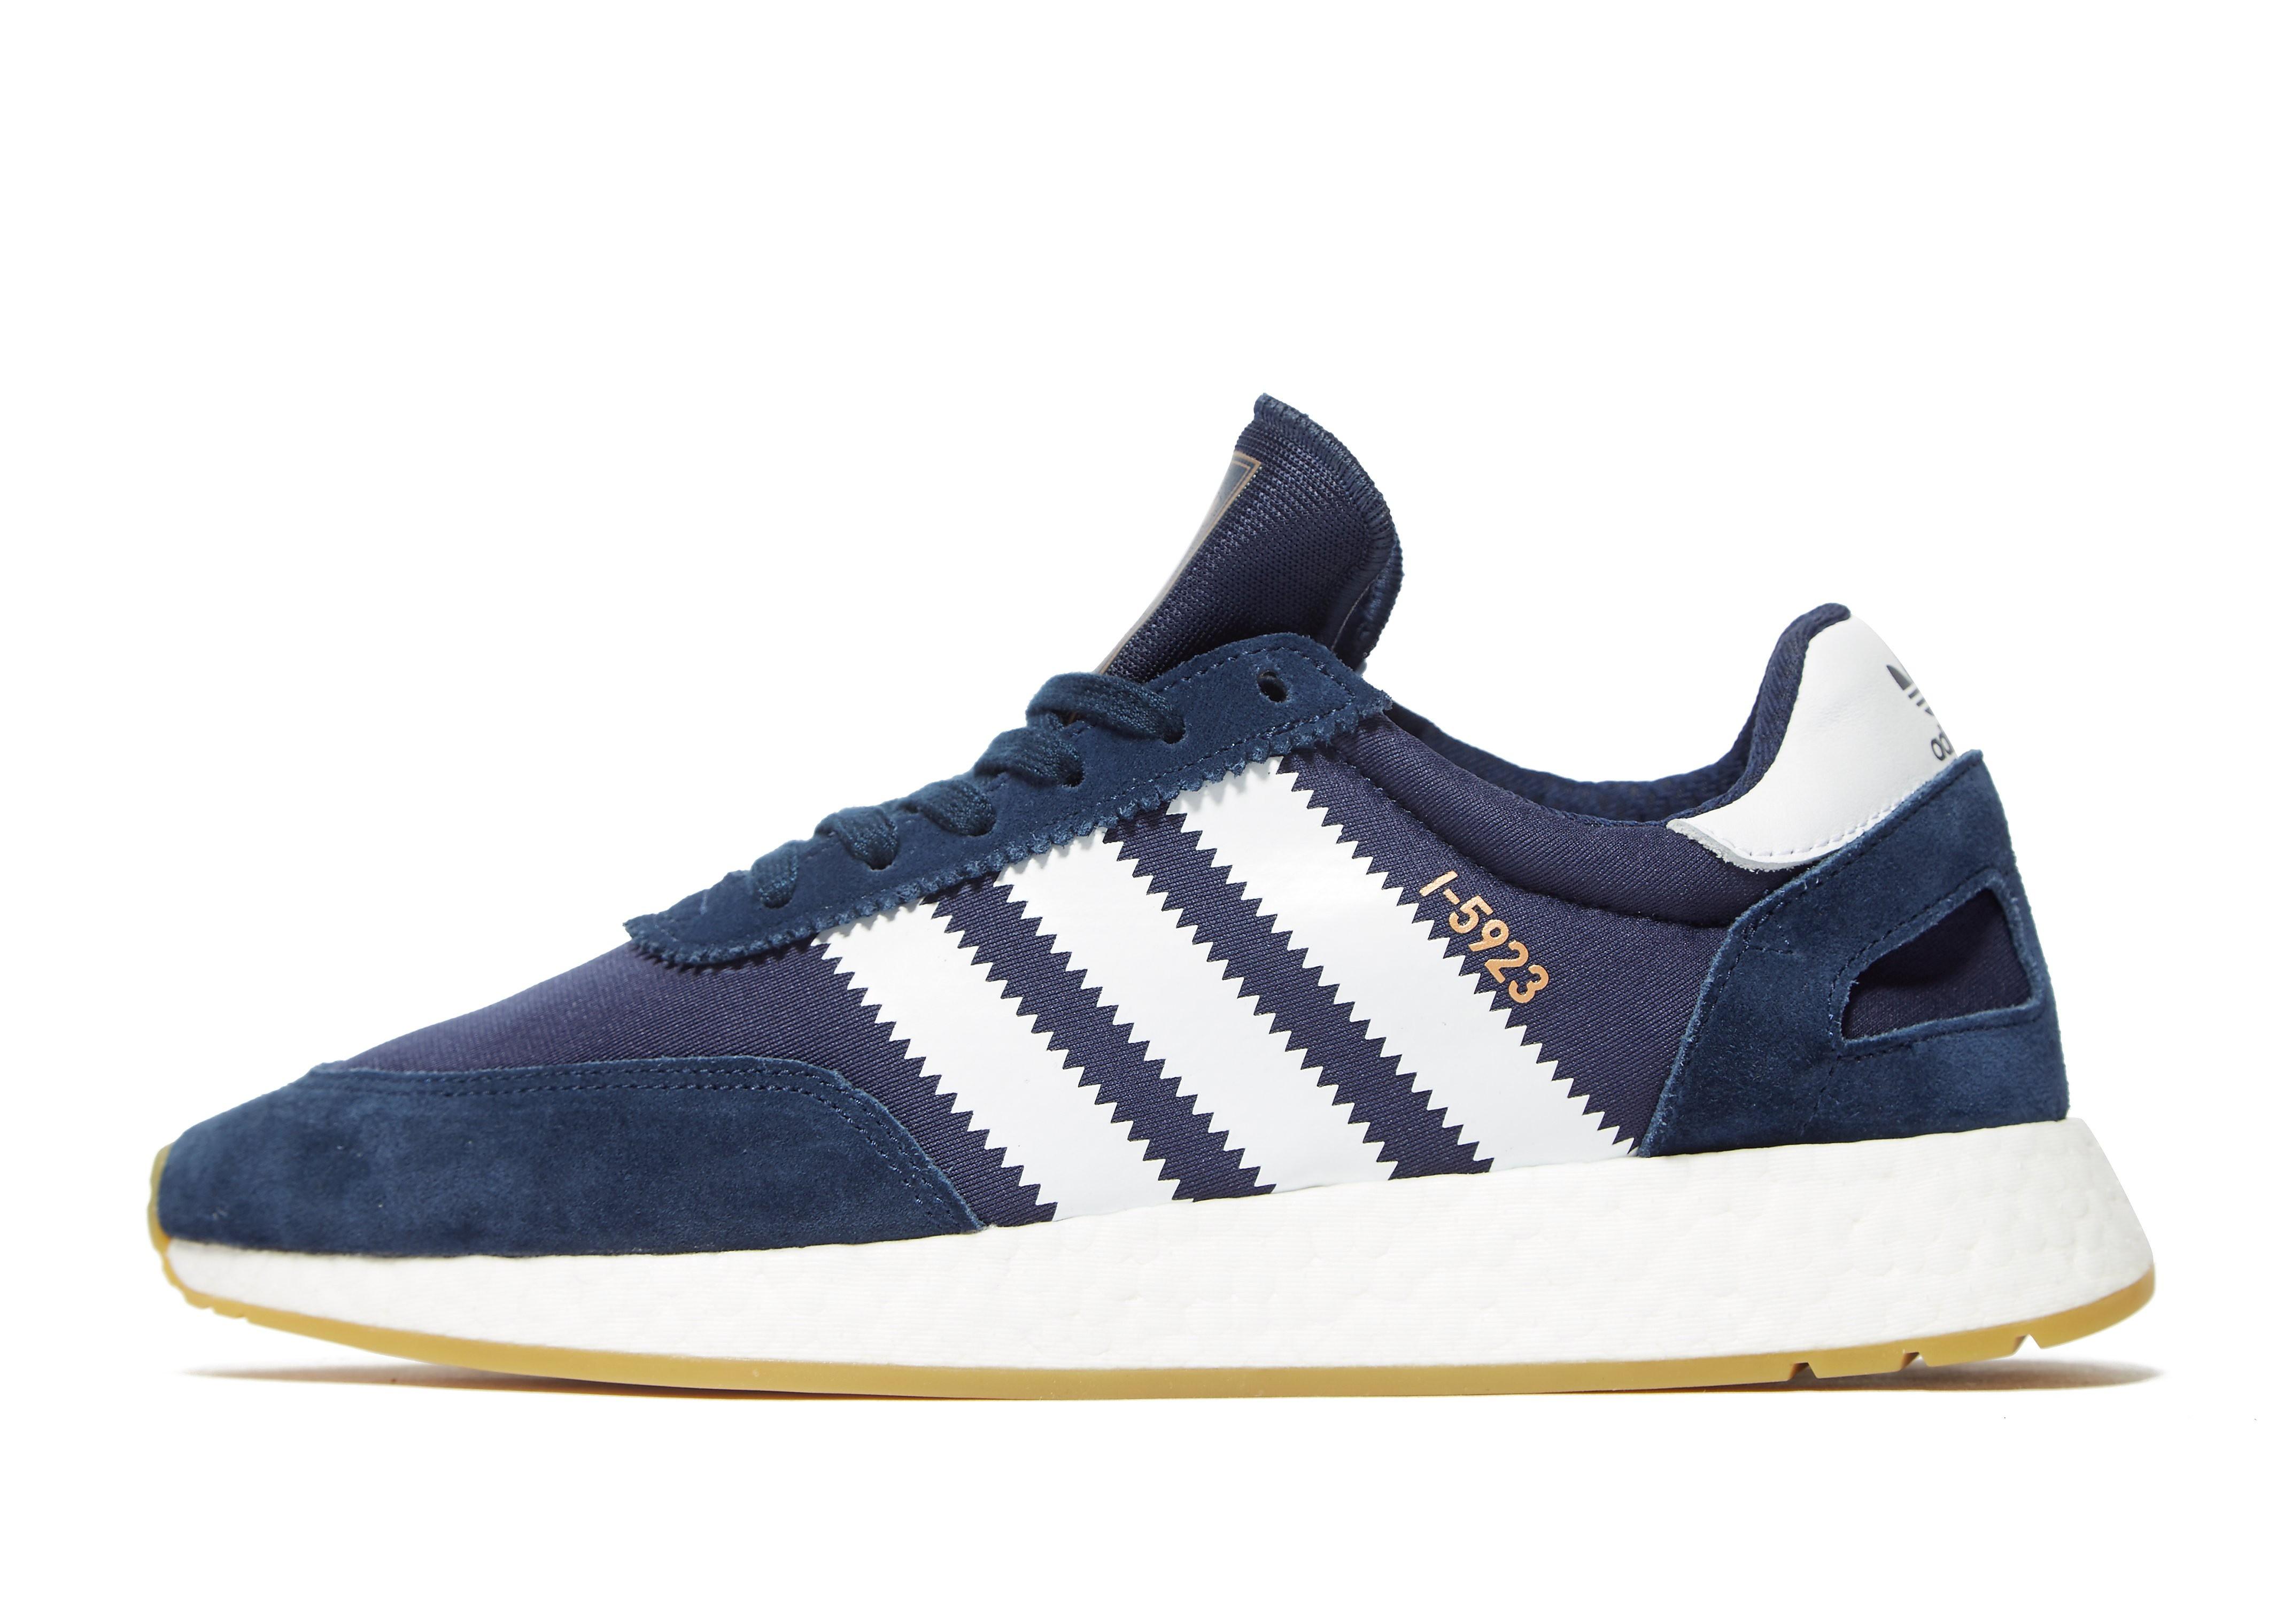 Precios de Adidas I 5923 JD Sports azules baratos Ofertas